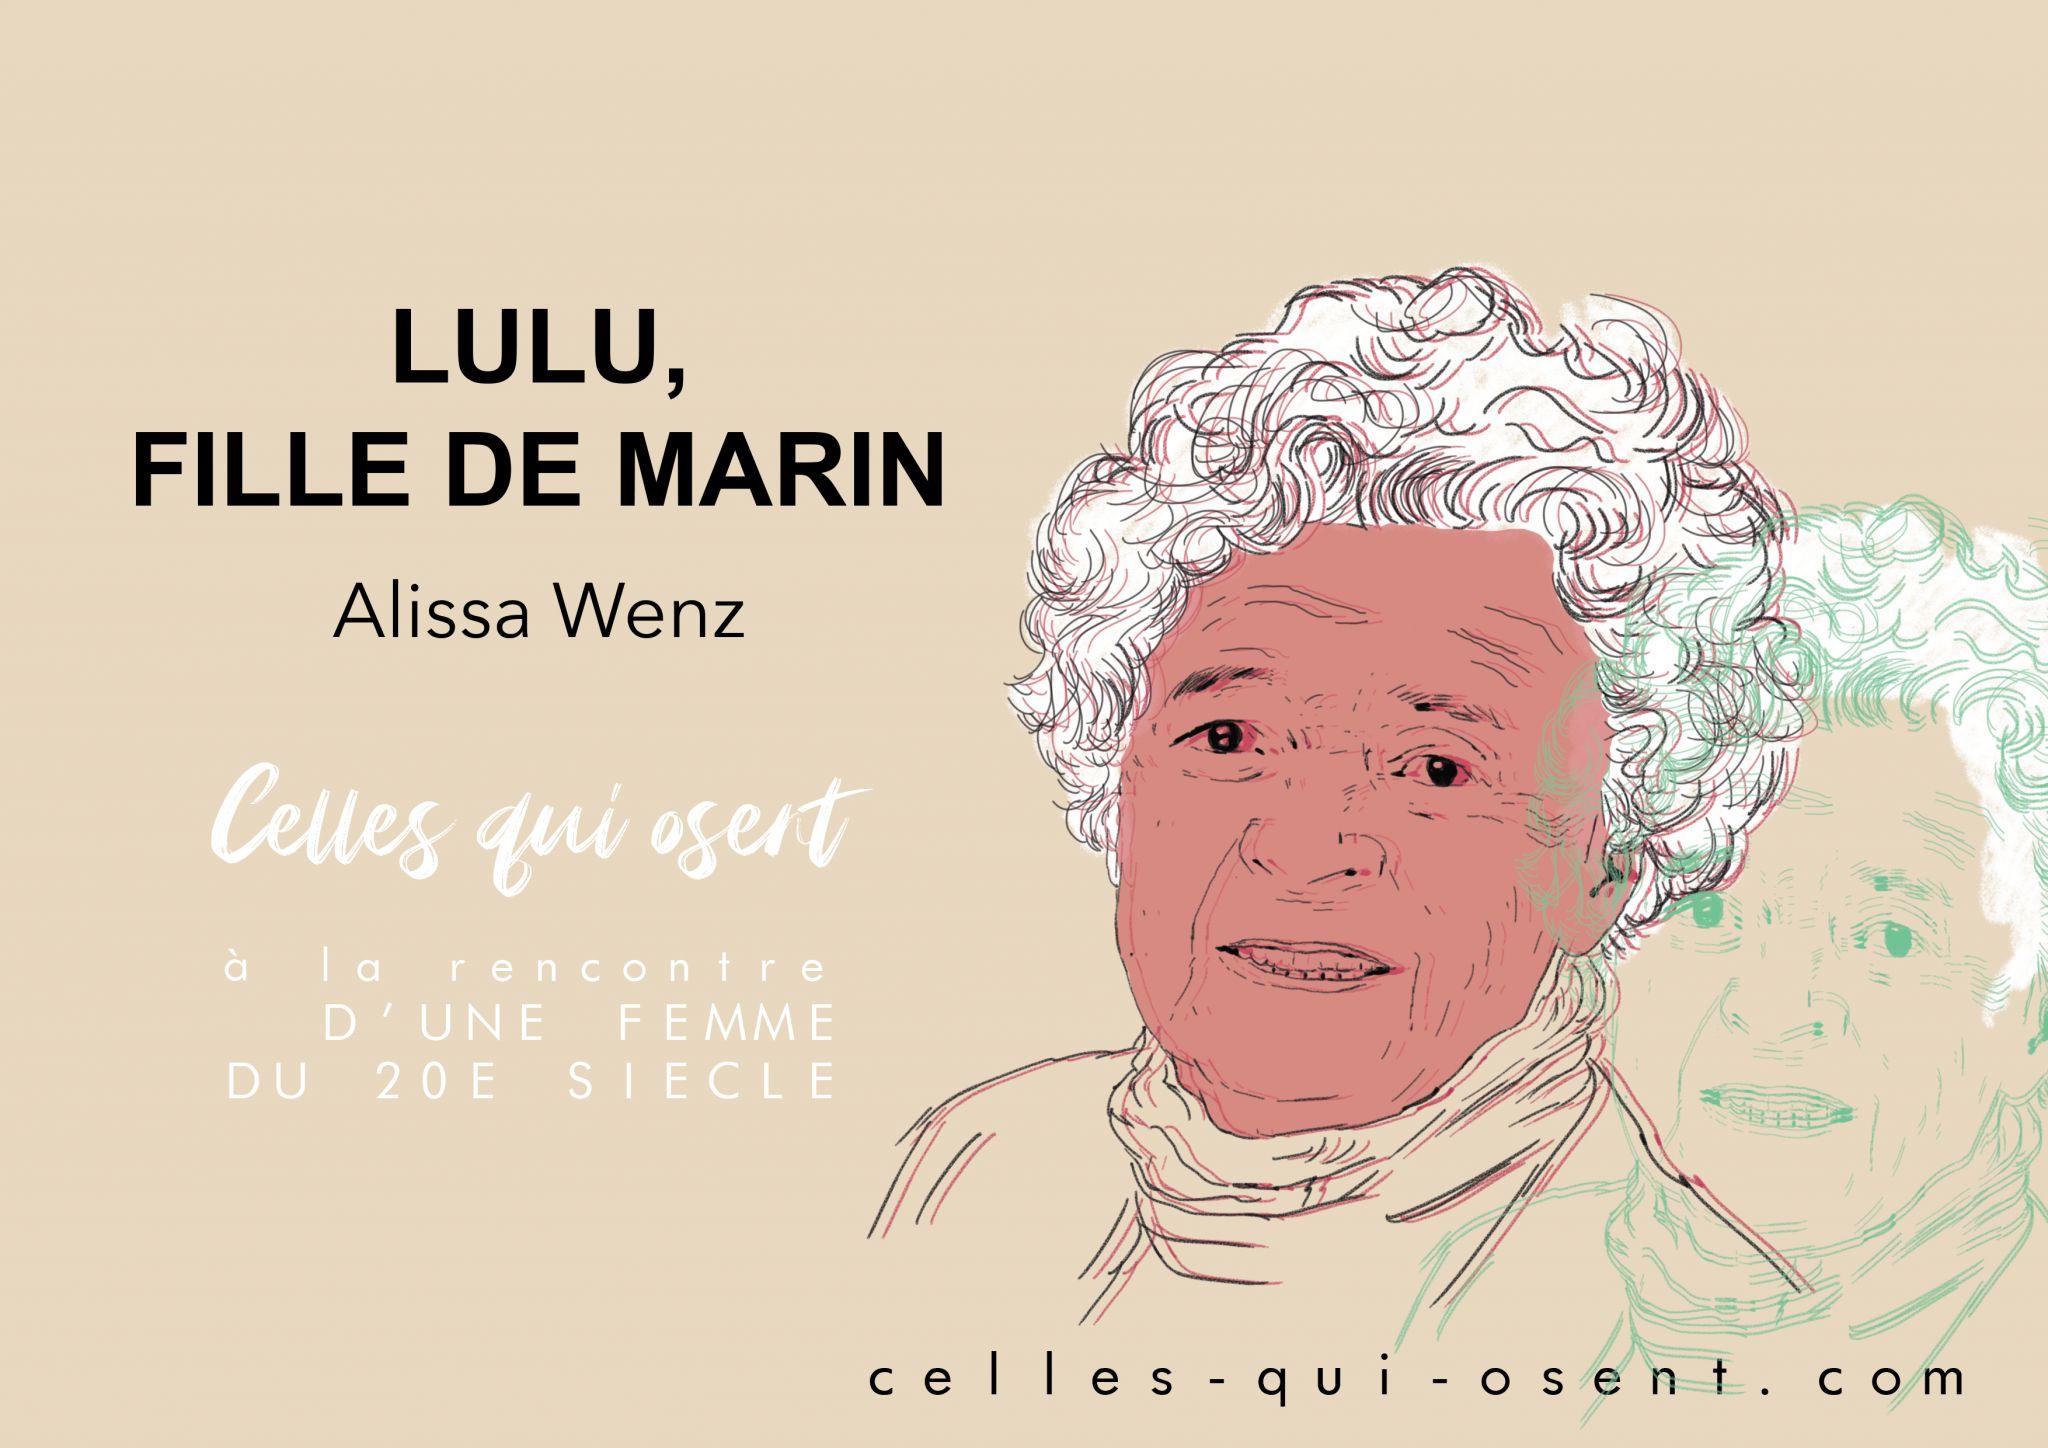 lulu-filledemarin-alissa-wenz-temoignage